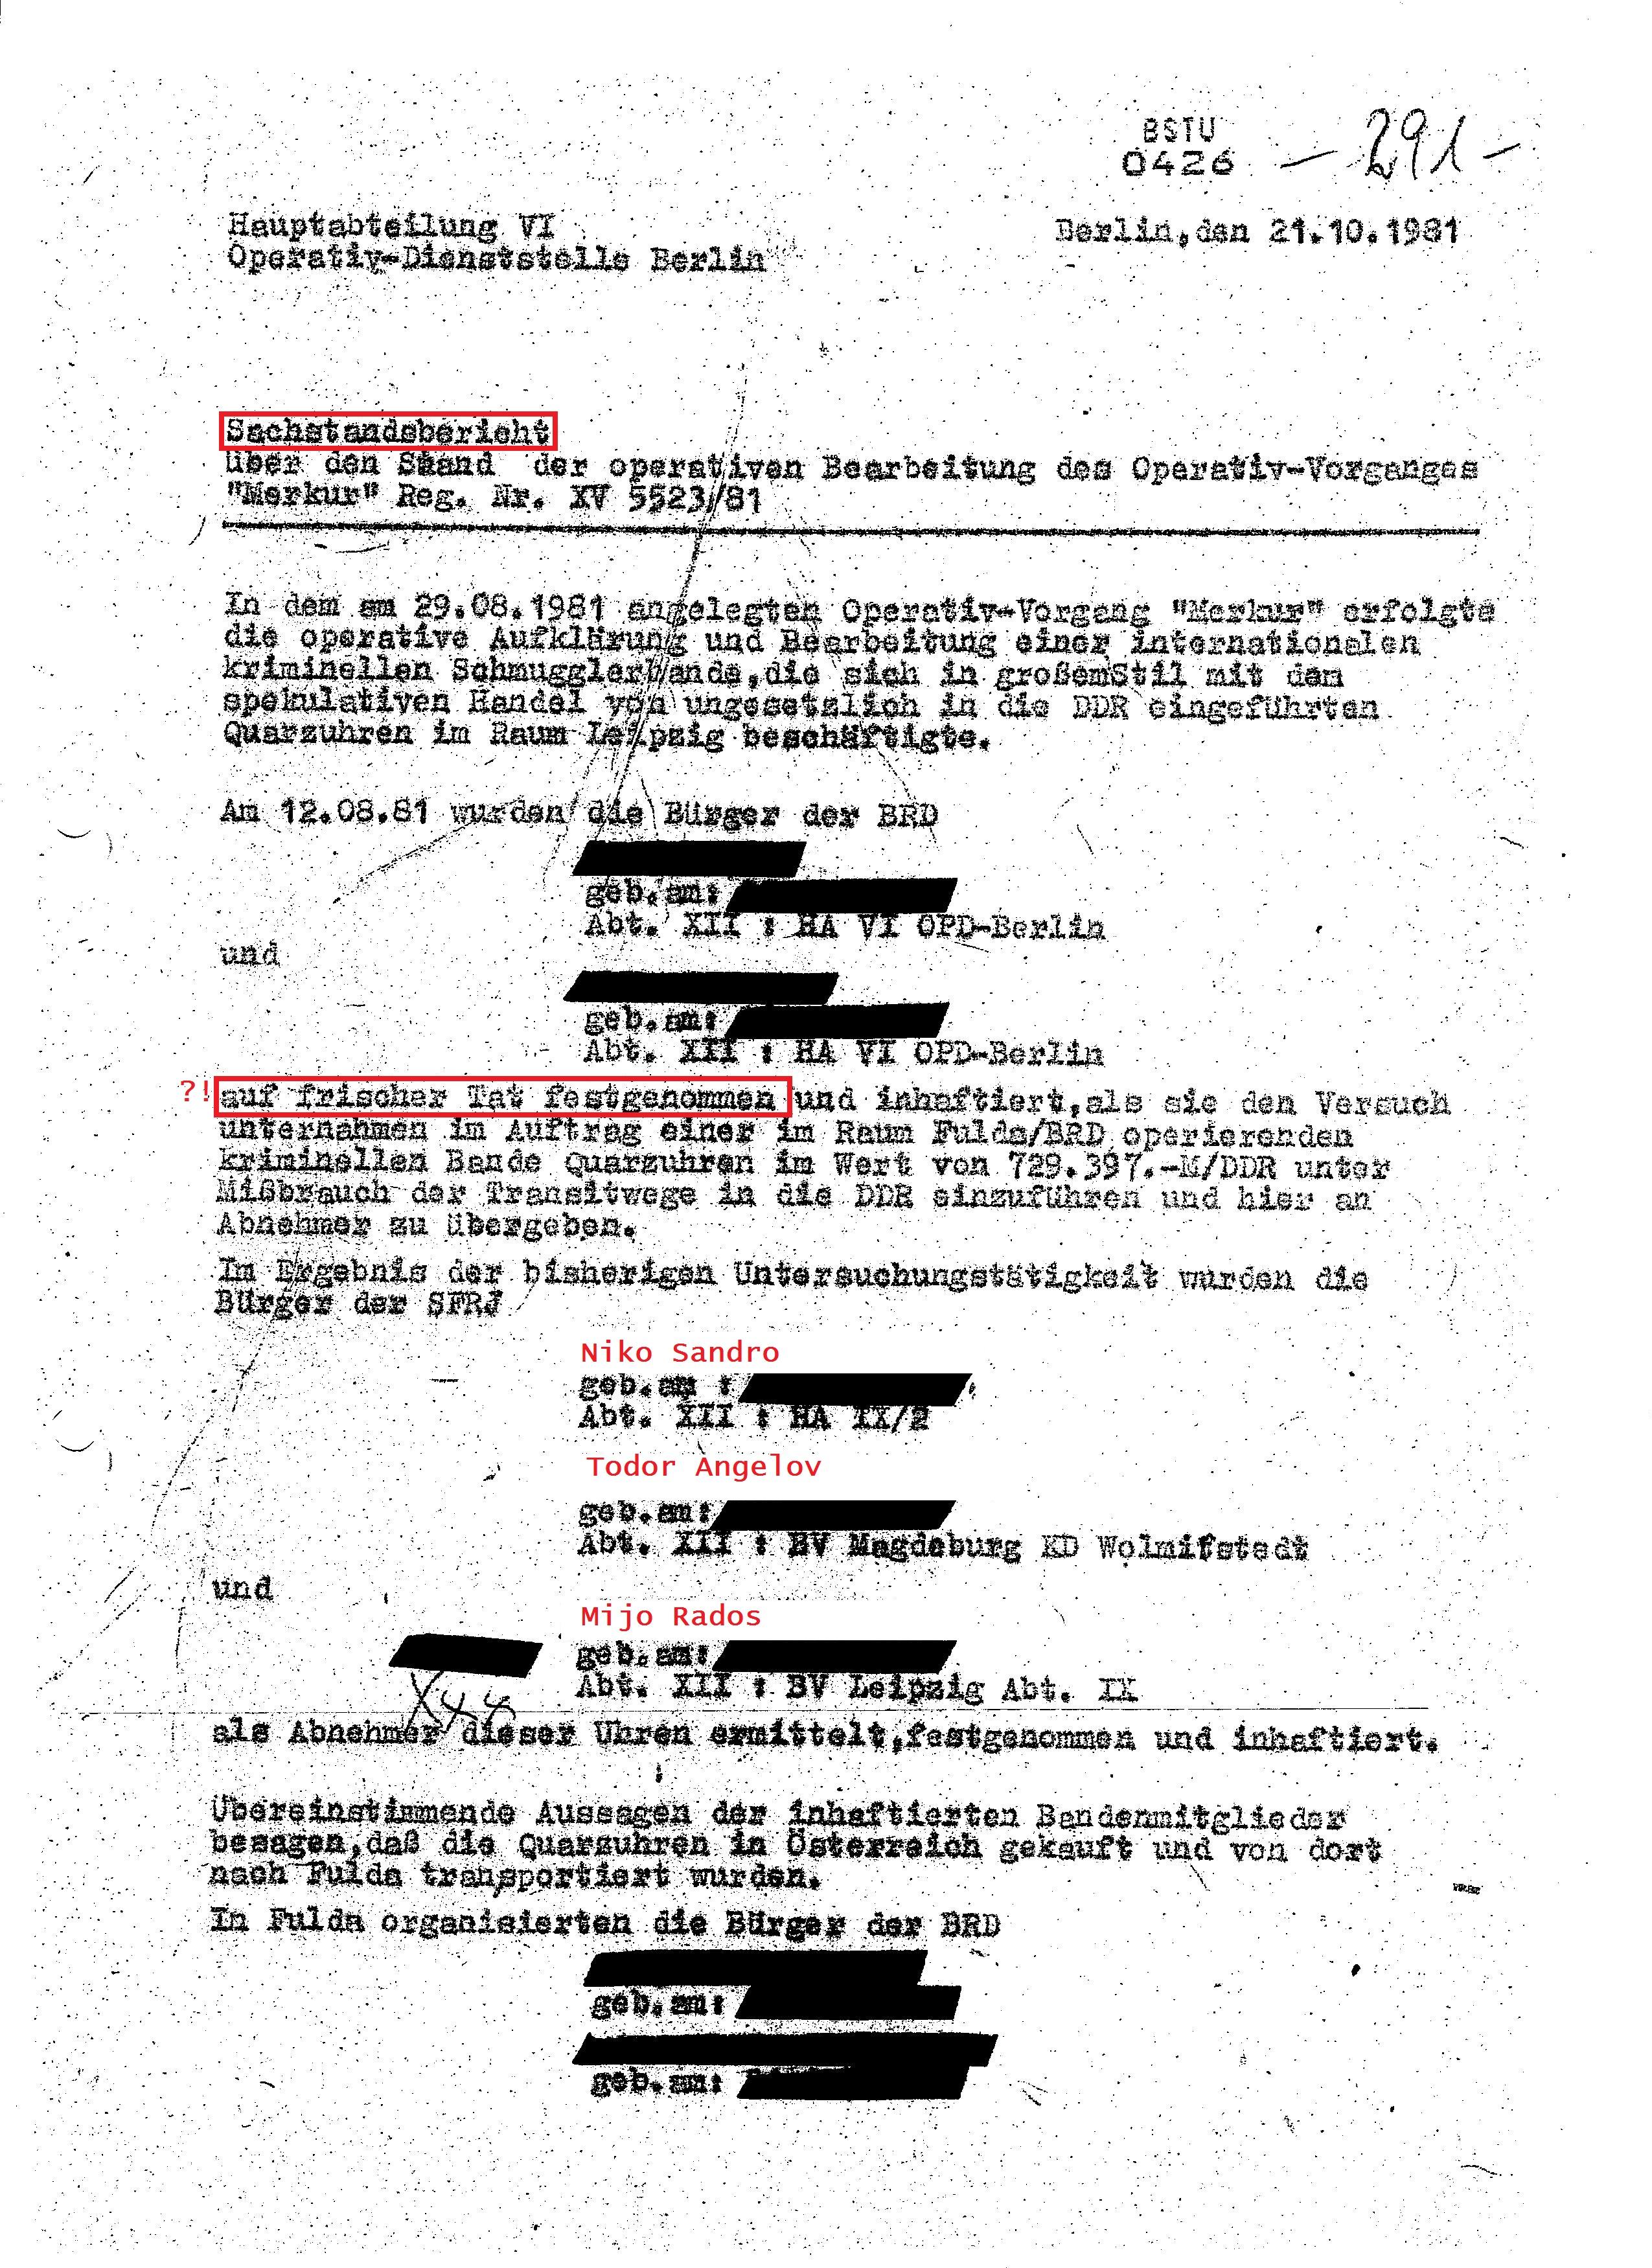 Der Erfolg vom 12.8.81- fie Verhaftung von zwei Doofen Transitumkehrern und die Verhaftung von Angelov, Sandro und Rados wird dem Operativ - Vorgang